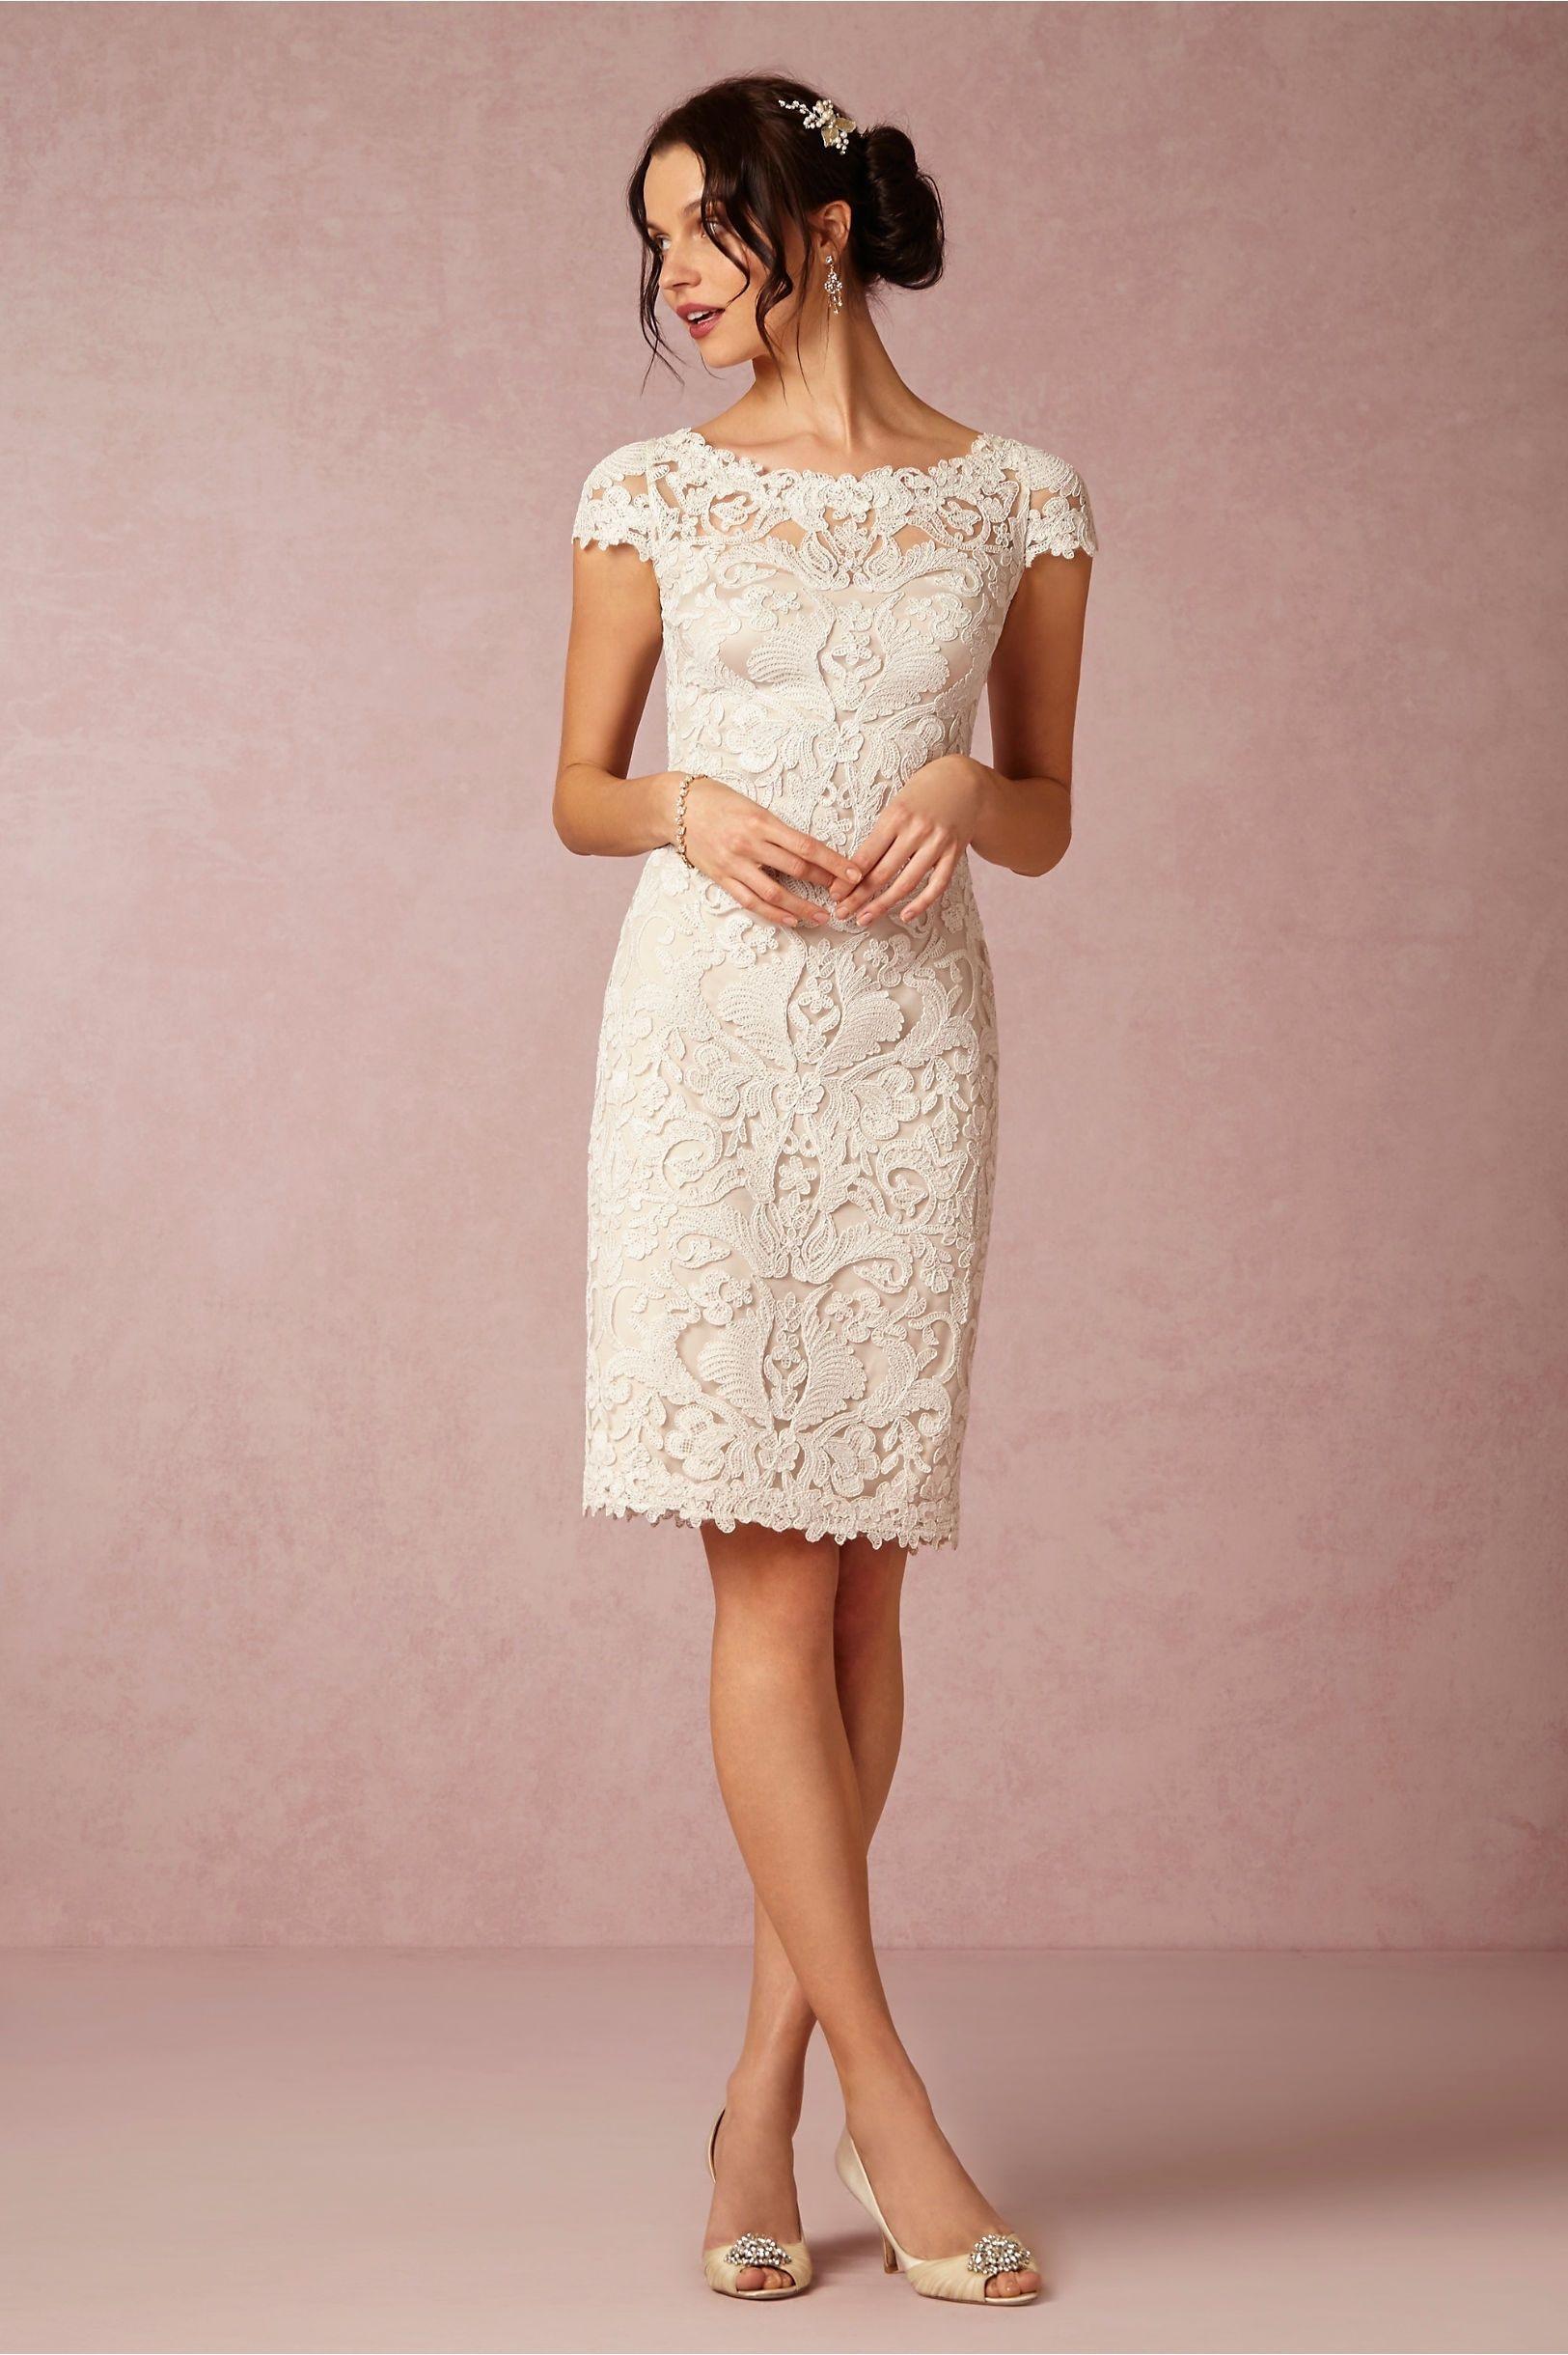 Designer Coolste Kleider Für Hochzeitsgäste Damen Spezialgebiet10 Genial Kleider Für Hochzeitsgäste Damen für 2019